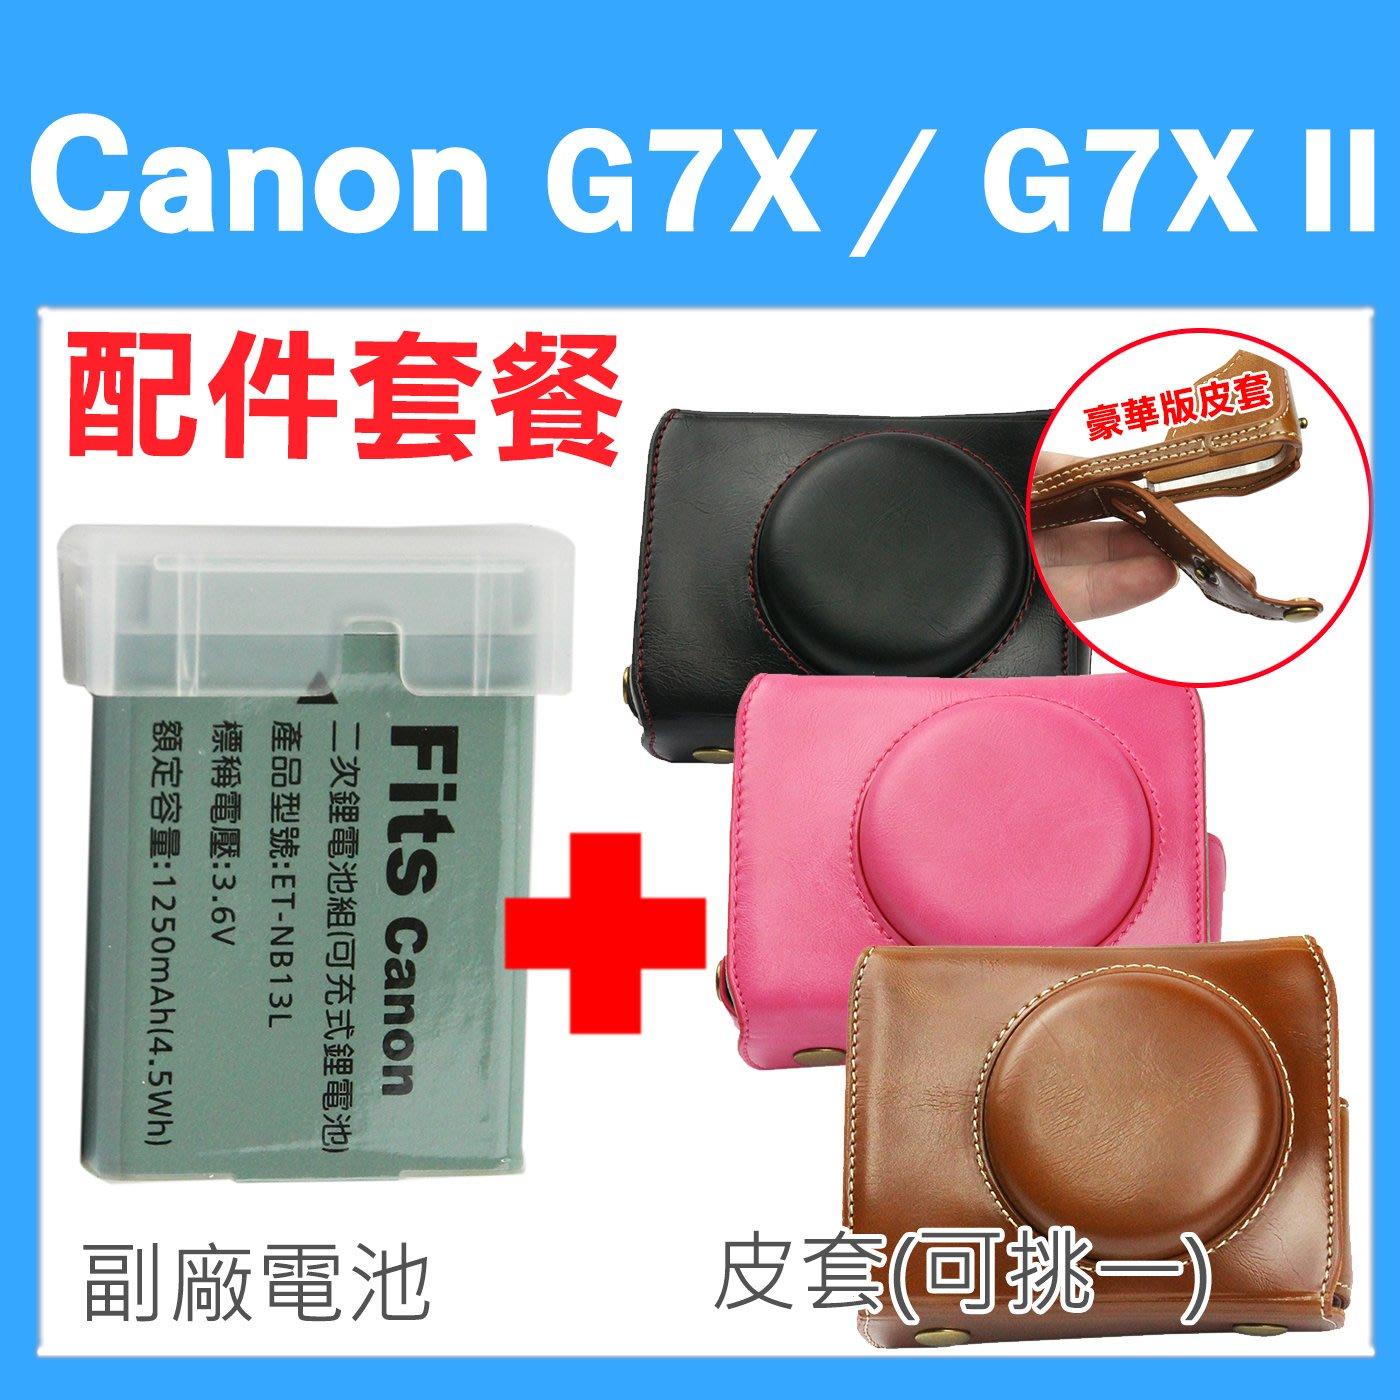 Canon PowerShot G7X / G7X Mark II 配件套餐 皮套 副廠電池 鋰電池 復古皮套 相機包